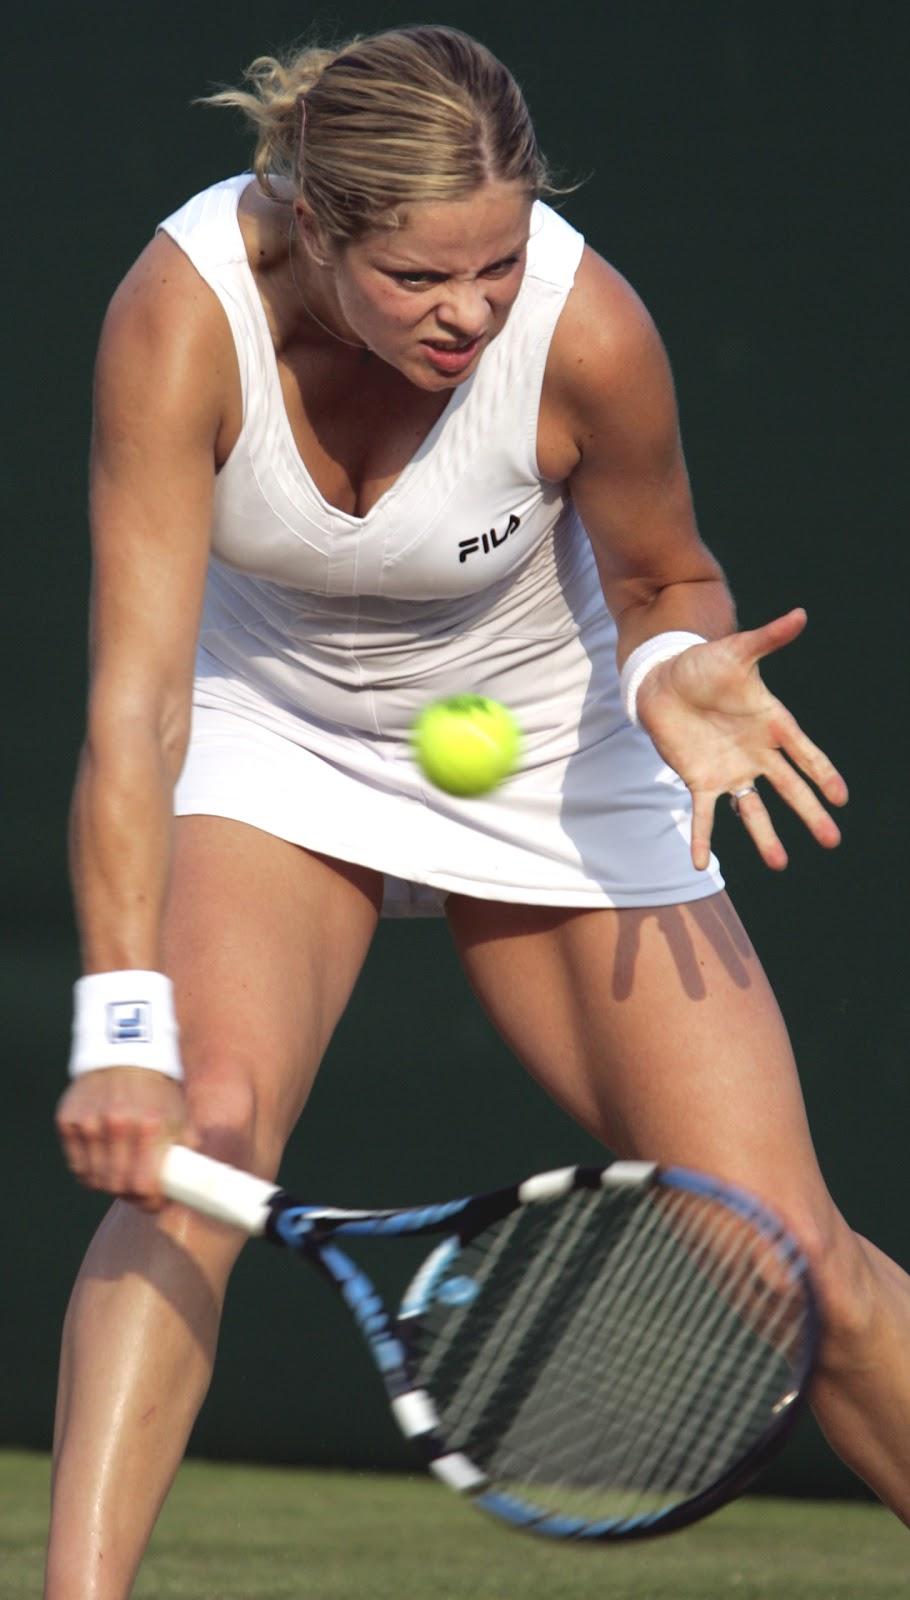 seksualnie-tennisistki-foto